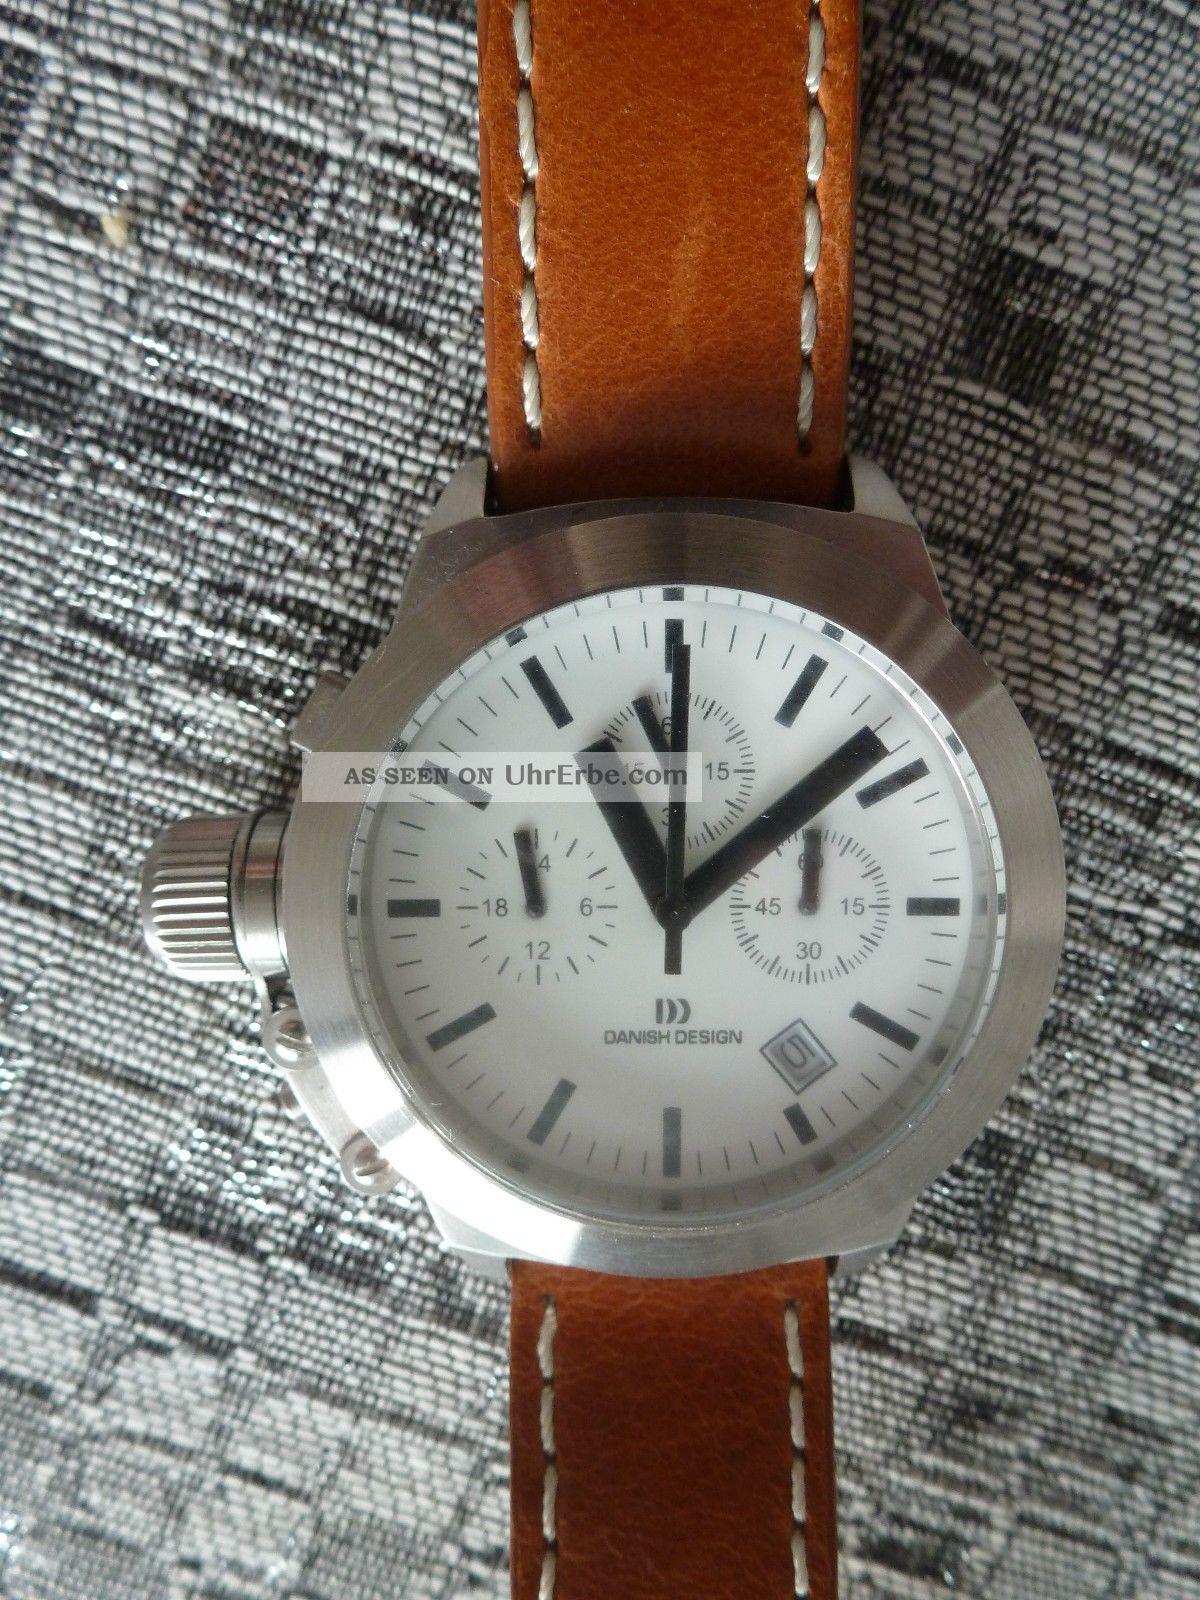 Tolle Danish Design Armbanduhr - Uhr - Unisex Modell Armbanduhren Bild